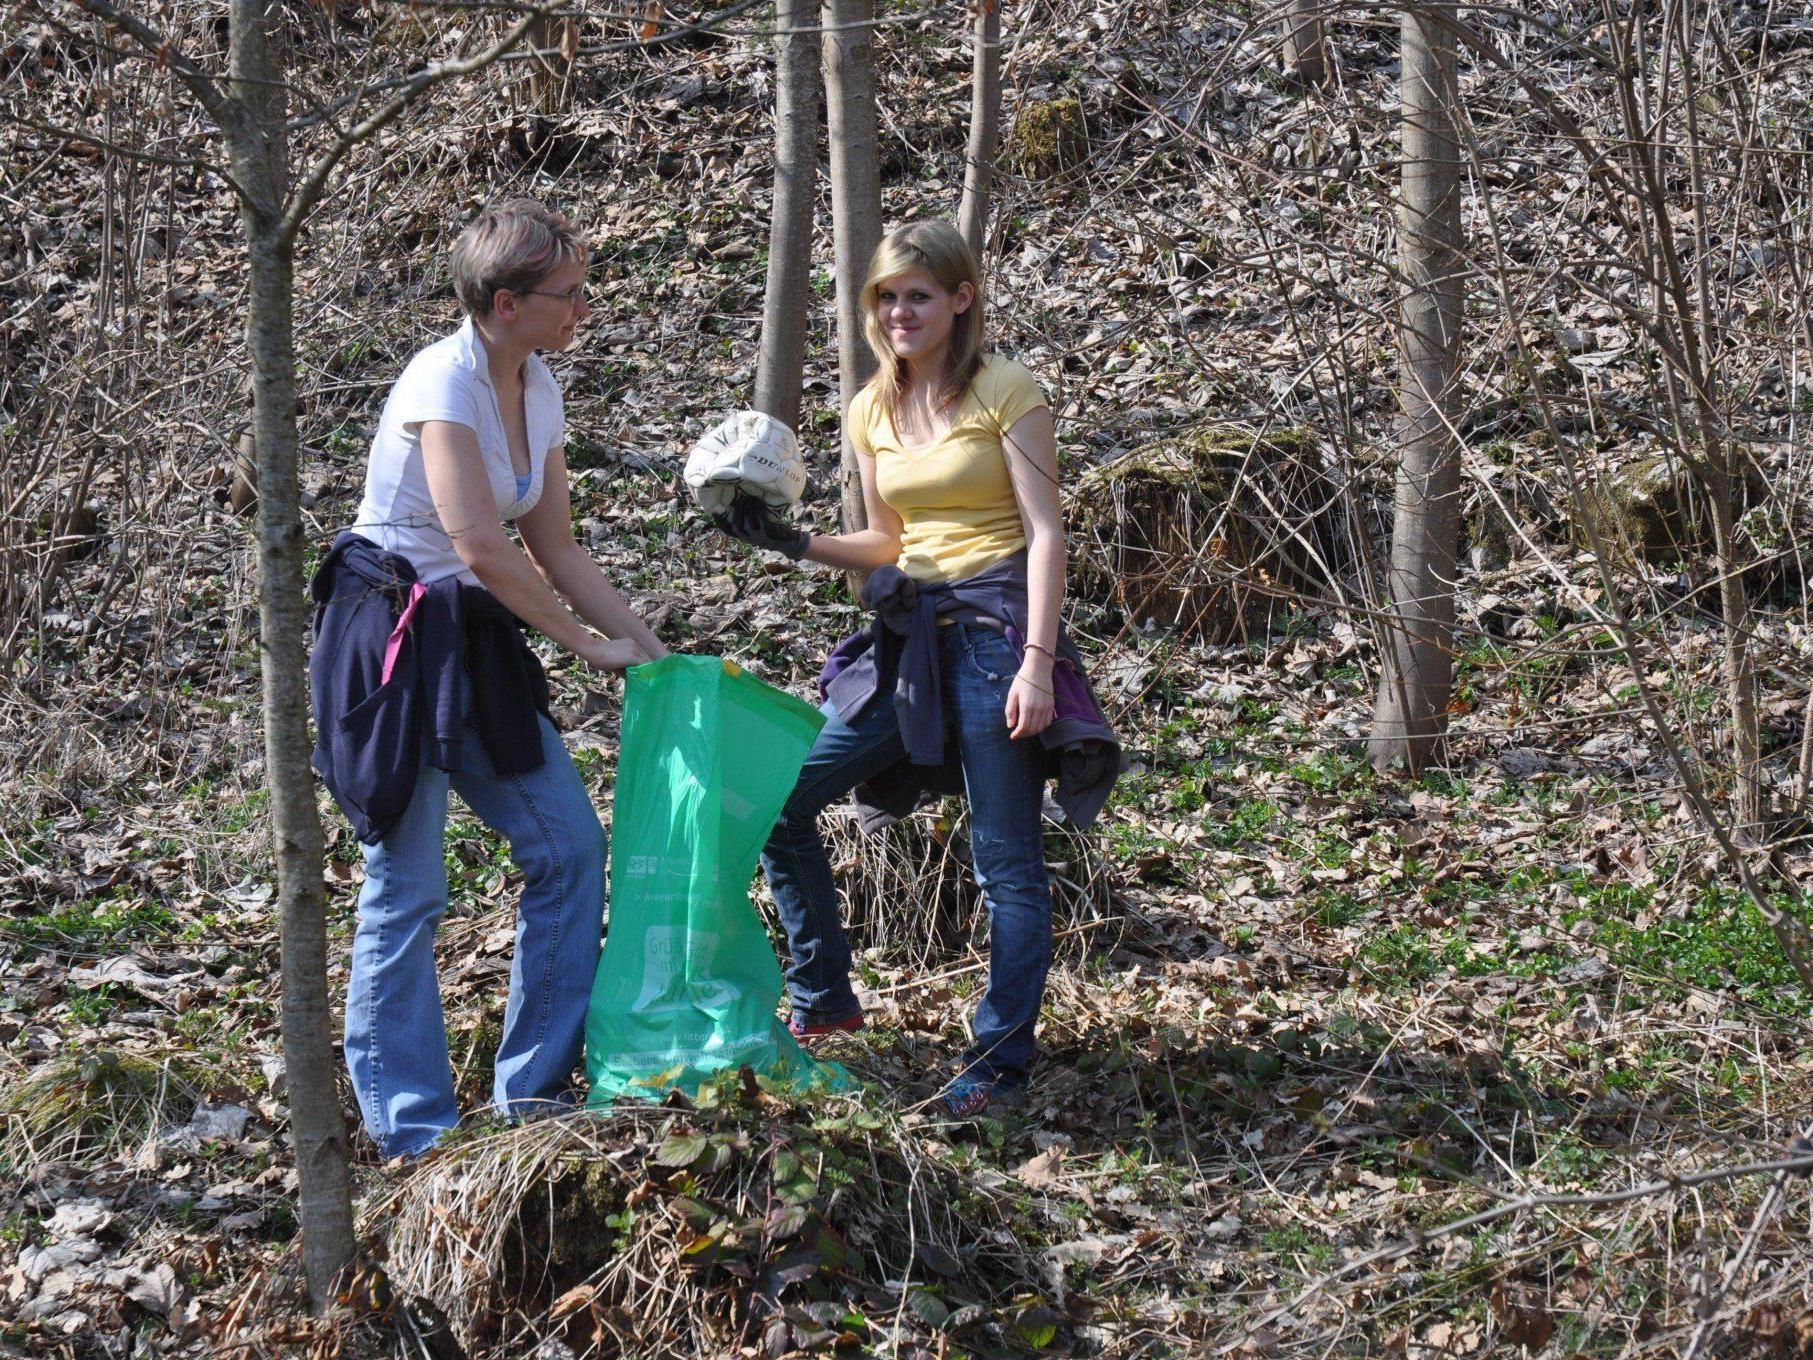 Große Flur und Landschaftsreinigung in den Vorderlandgemeinden. Alle helfen mit im Sinne einer sauberen Gemeinde.